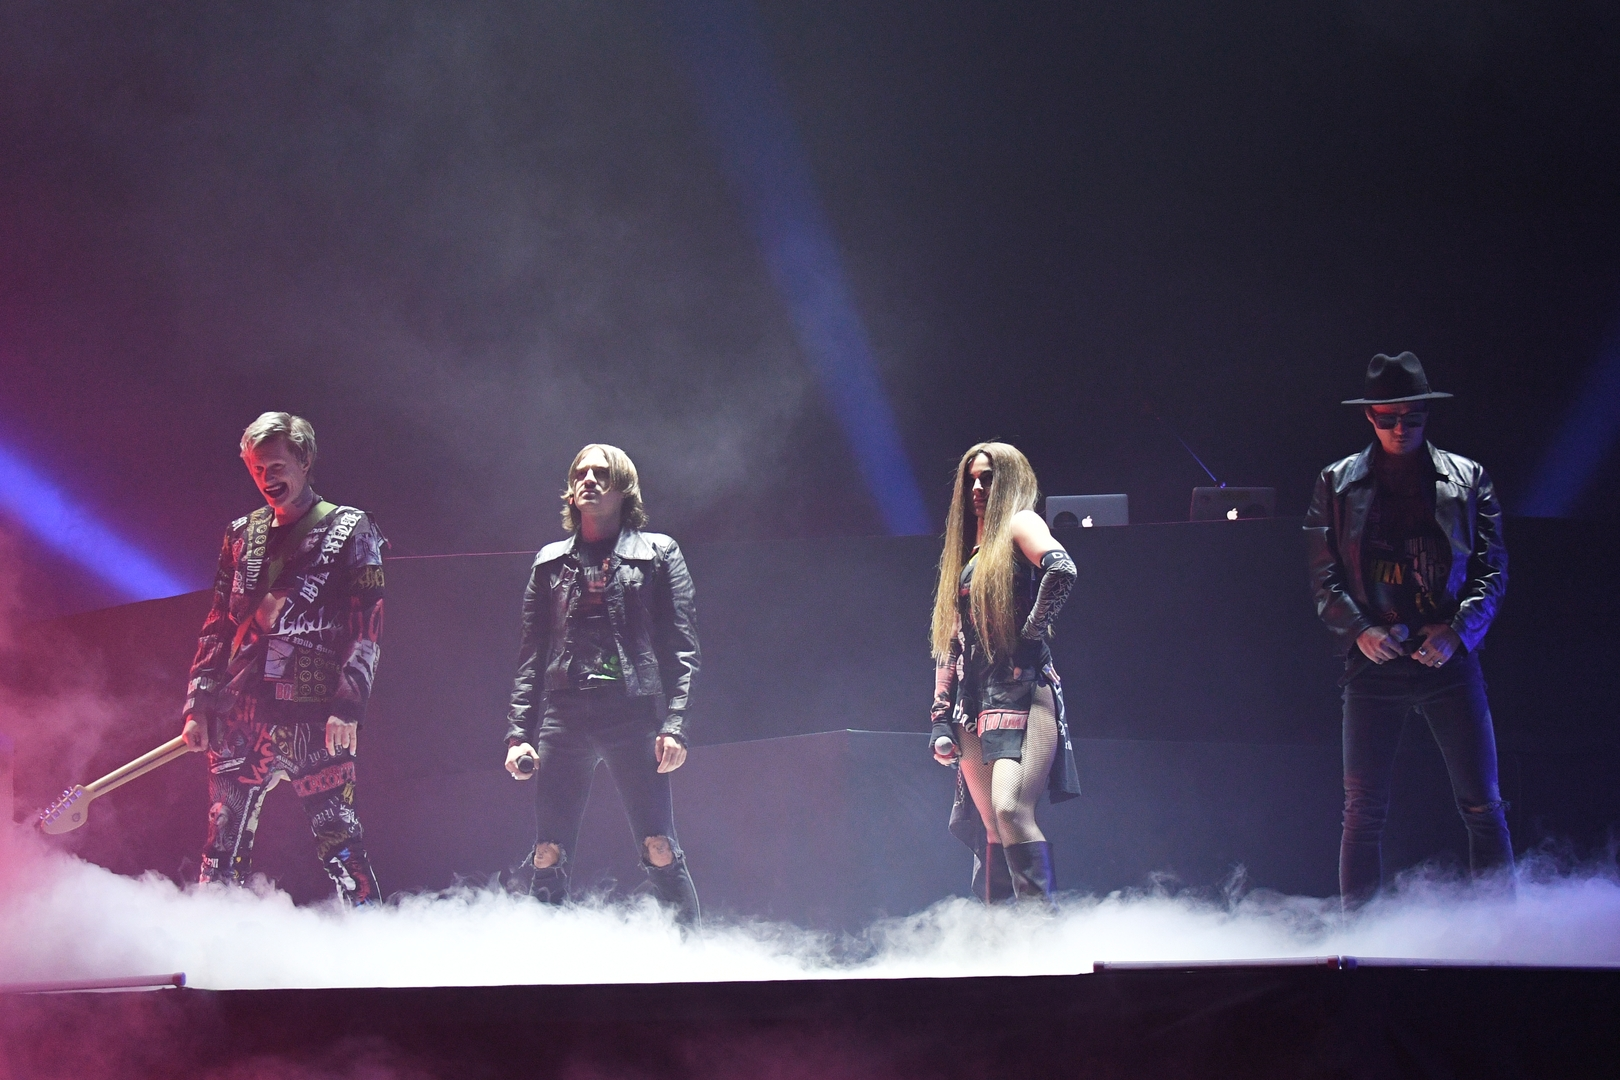 كليب فرقة Little Big الروسية لـEurovision يحصد 23 مليون مشاهدة